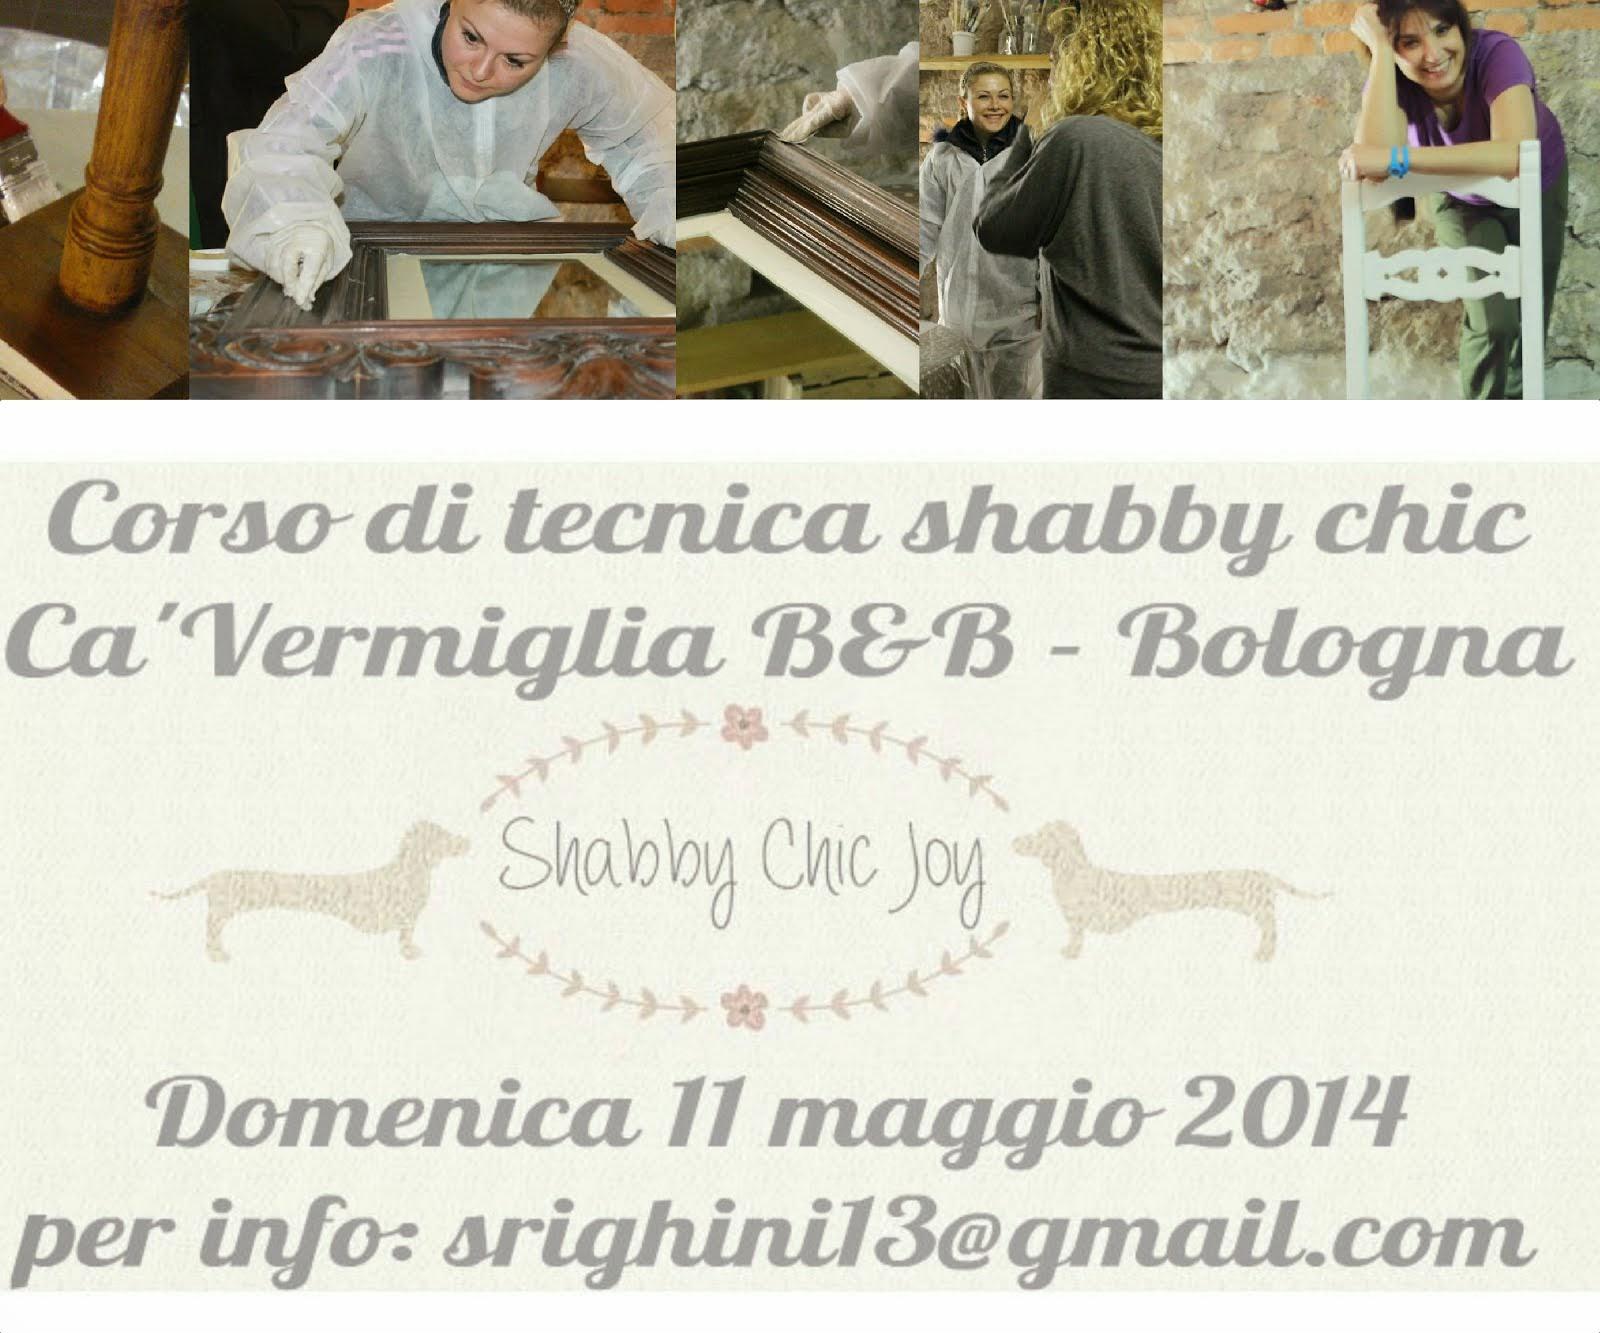 <strong>Corso di tecnica Shabby Chic 11 maggio 2014 a Bologna<strong></strong></strong>